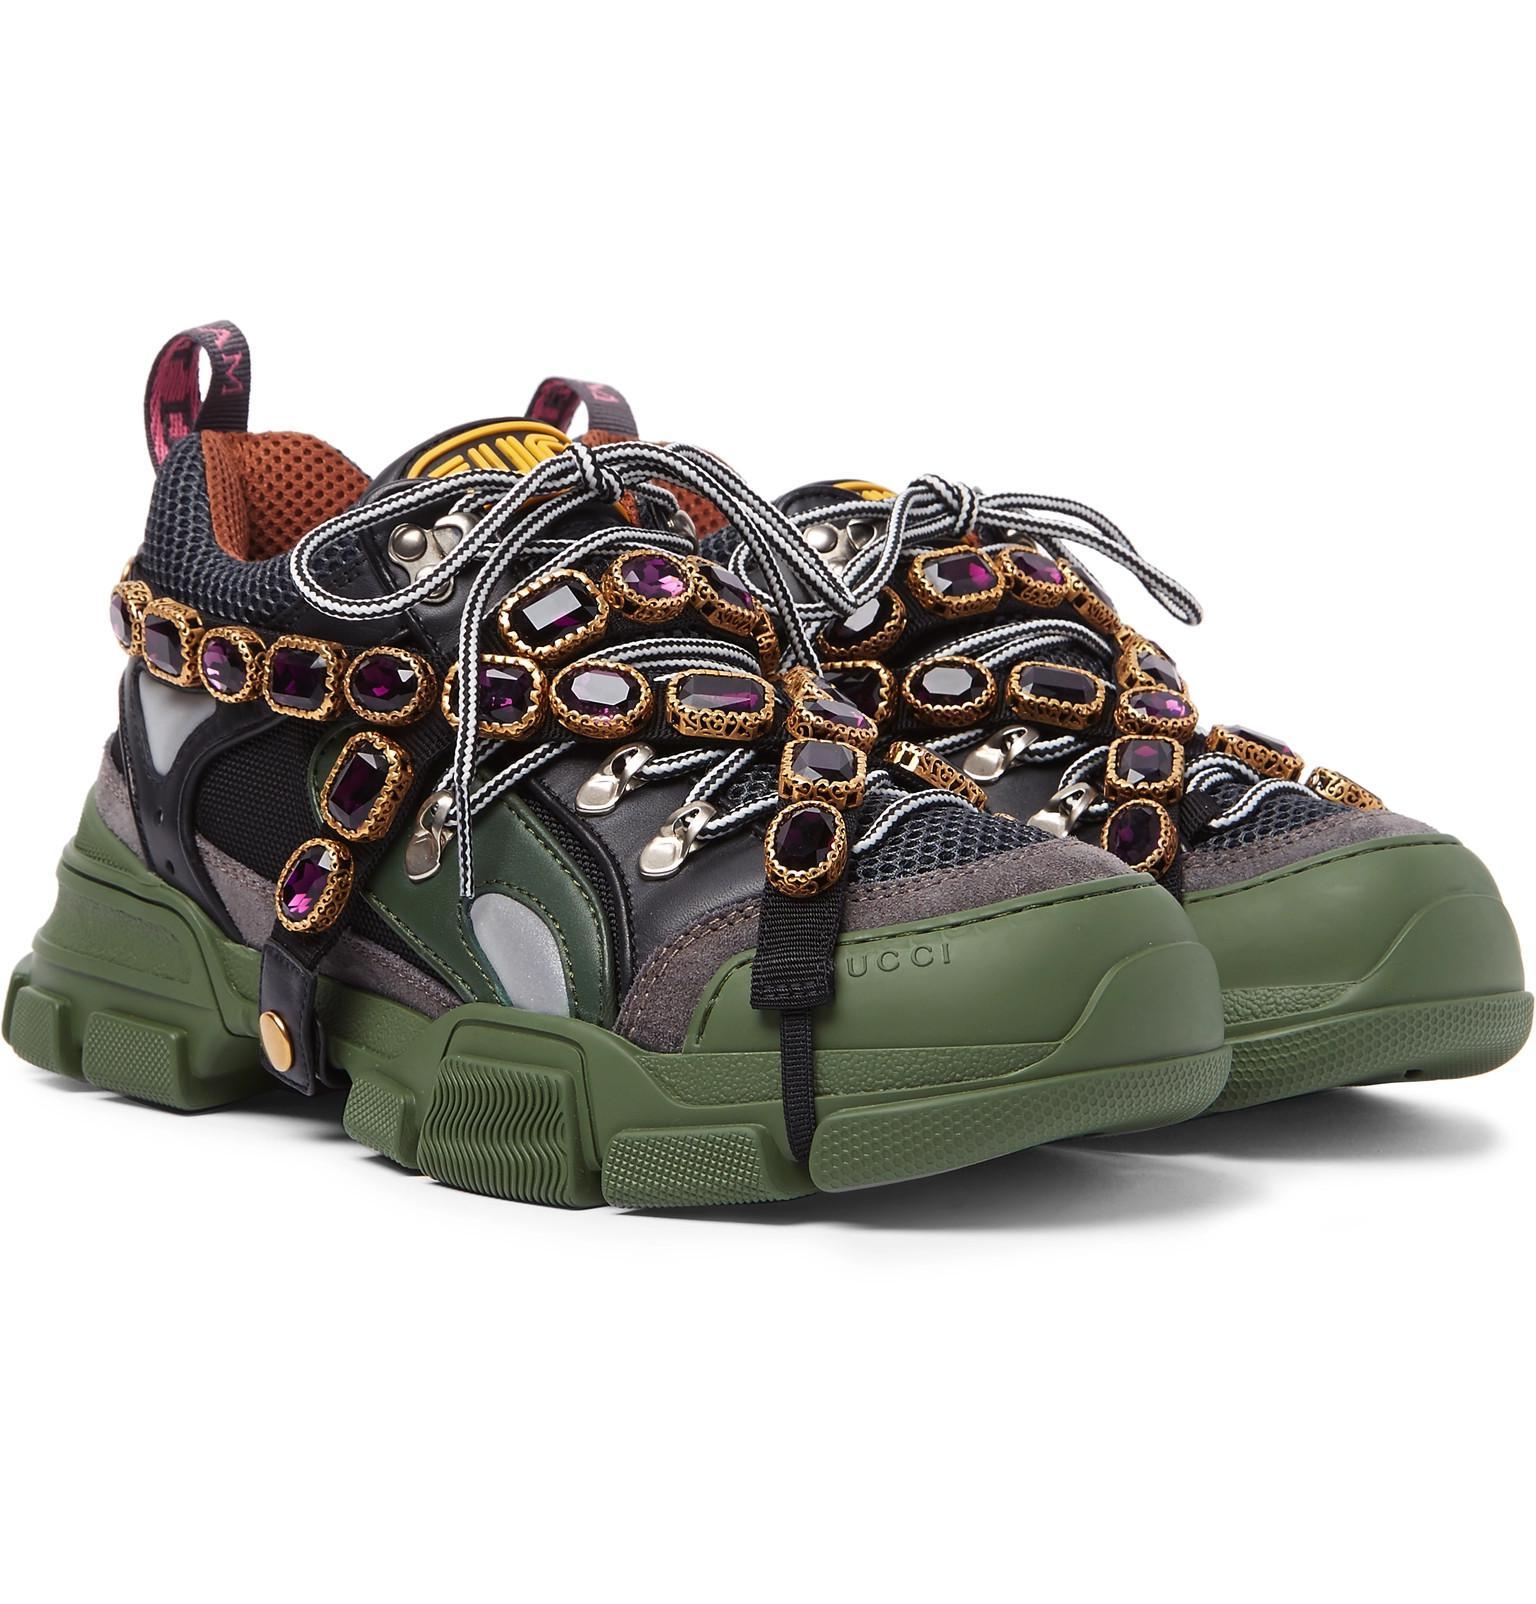 Gucci Flashtrek Sneakers Gucci